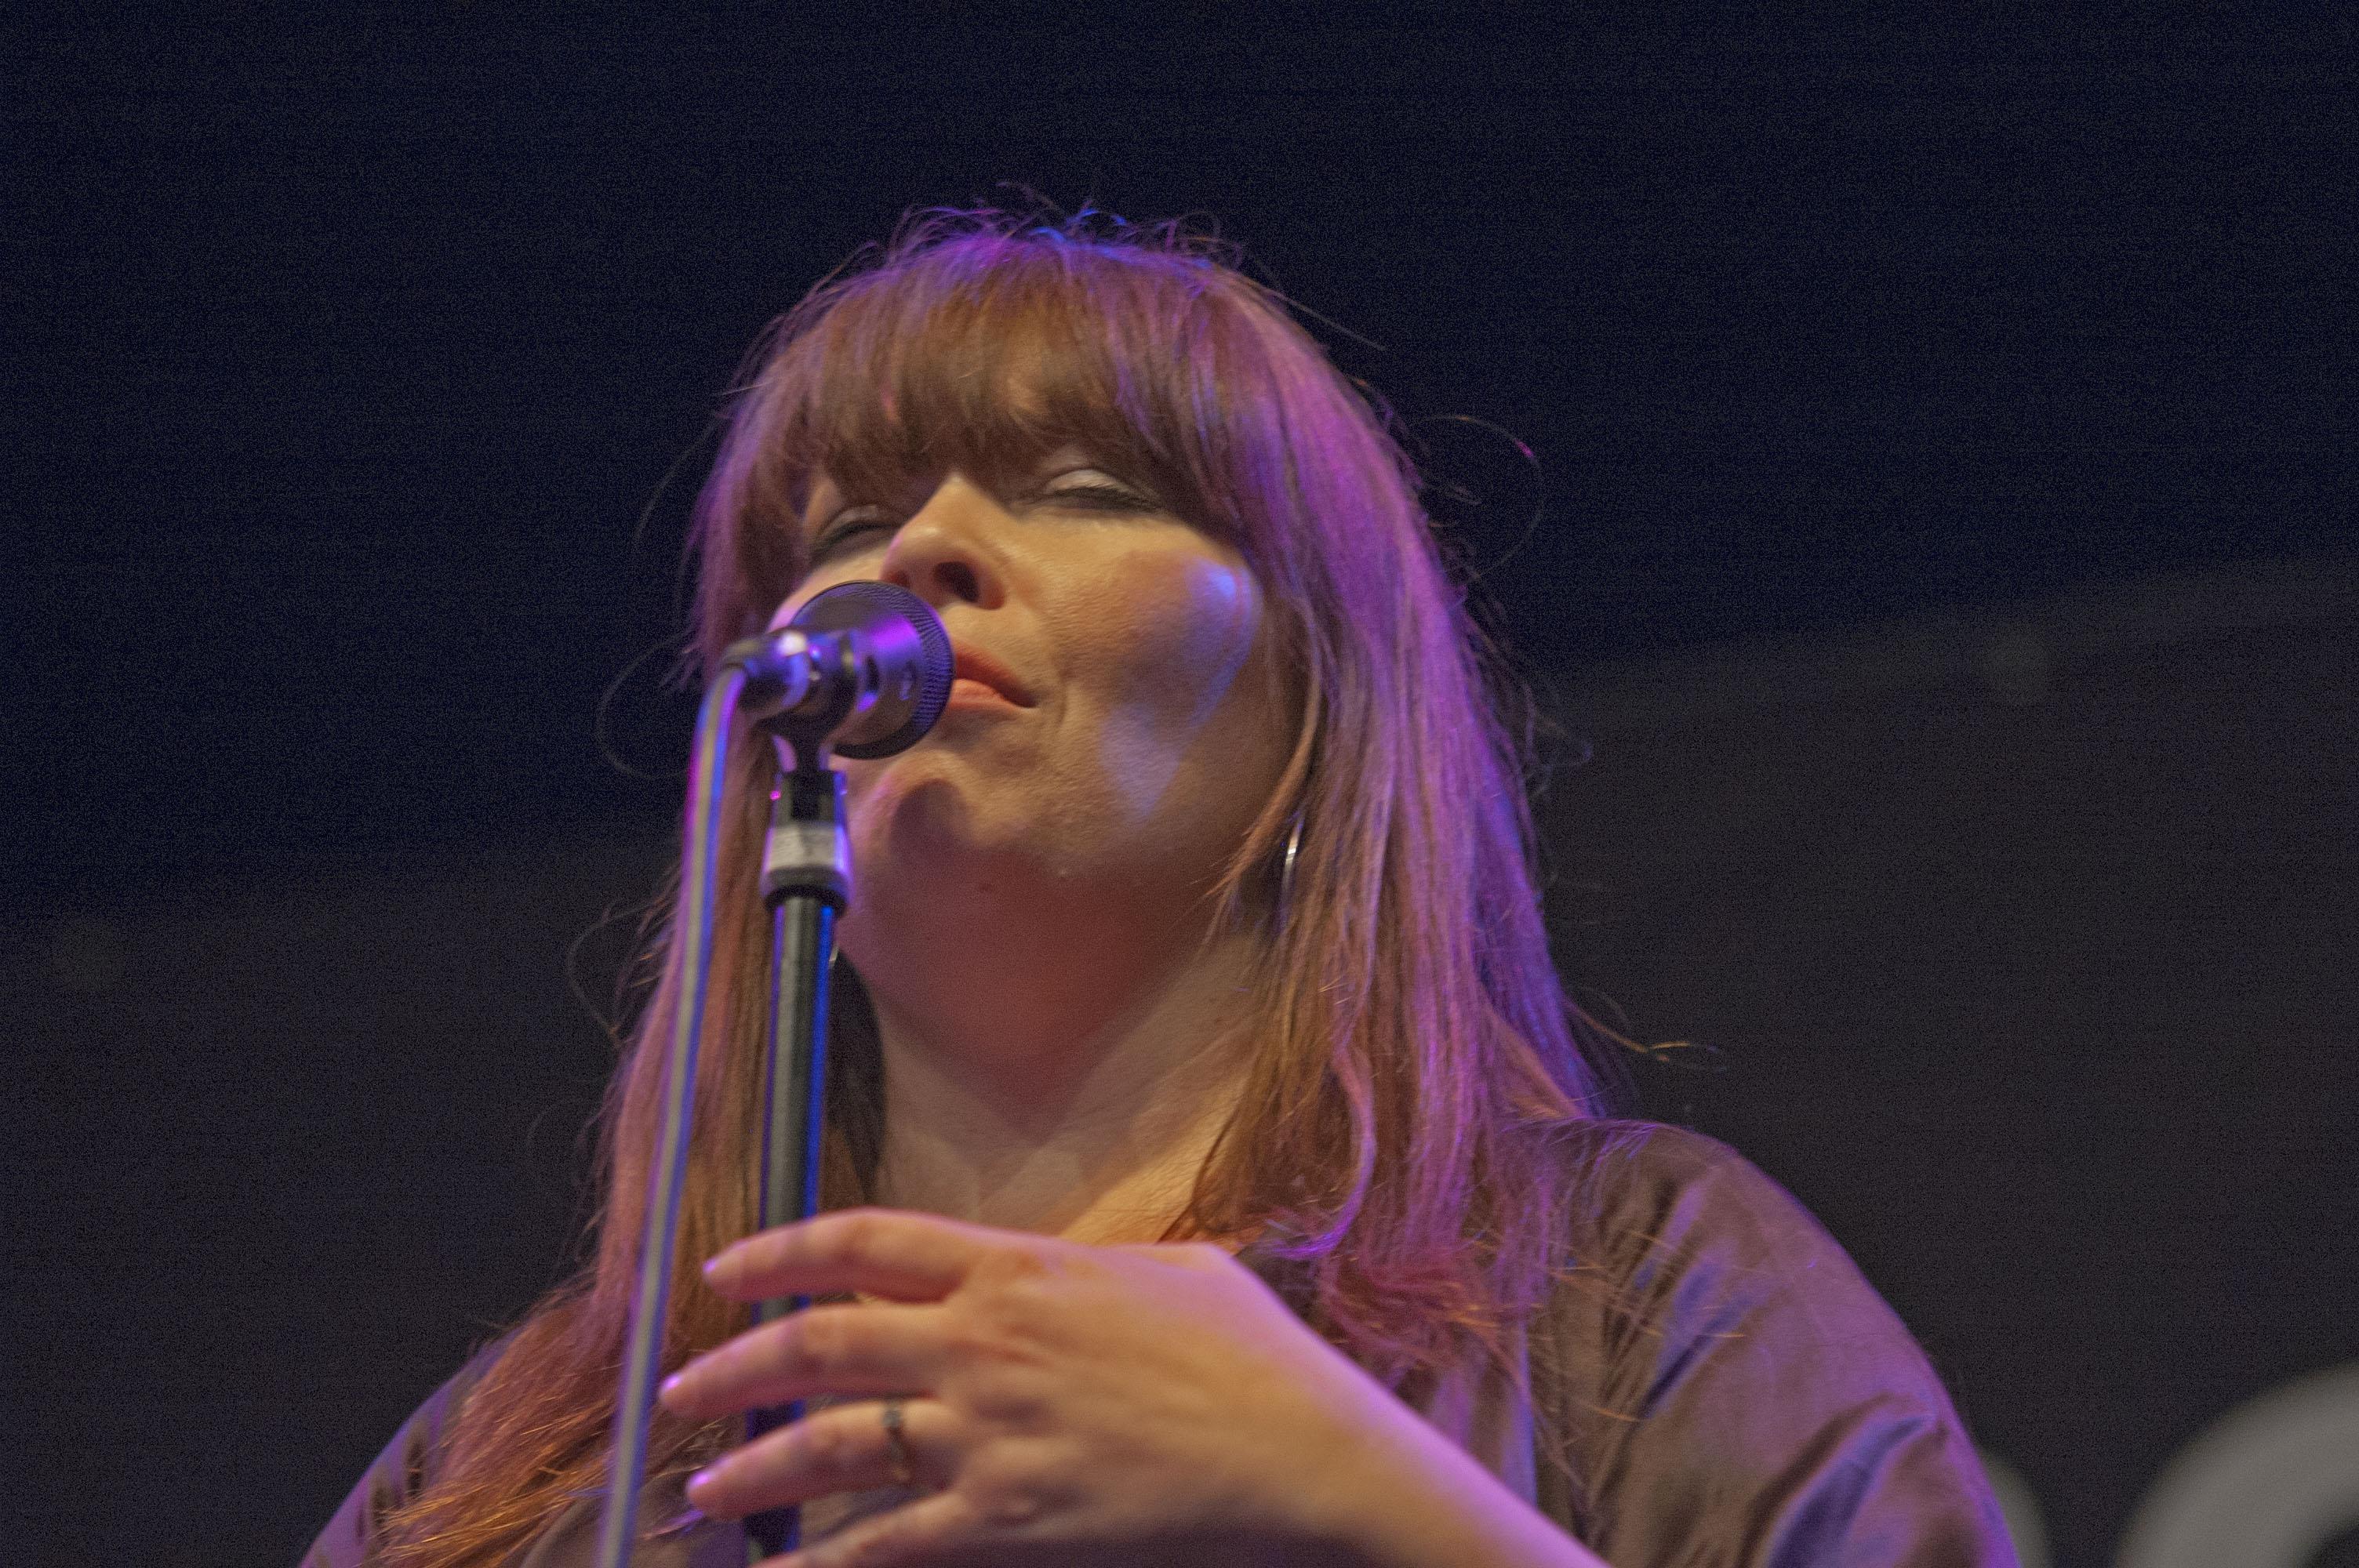 Solveig Slettahjell, Jazzahead! 2012